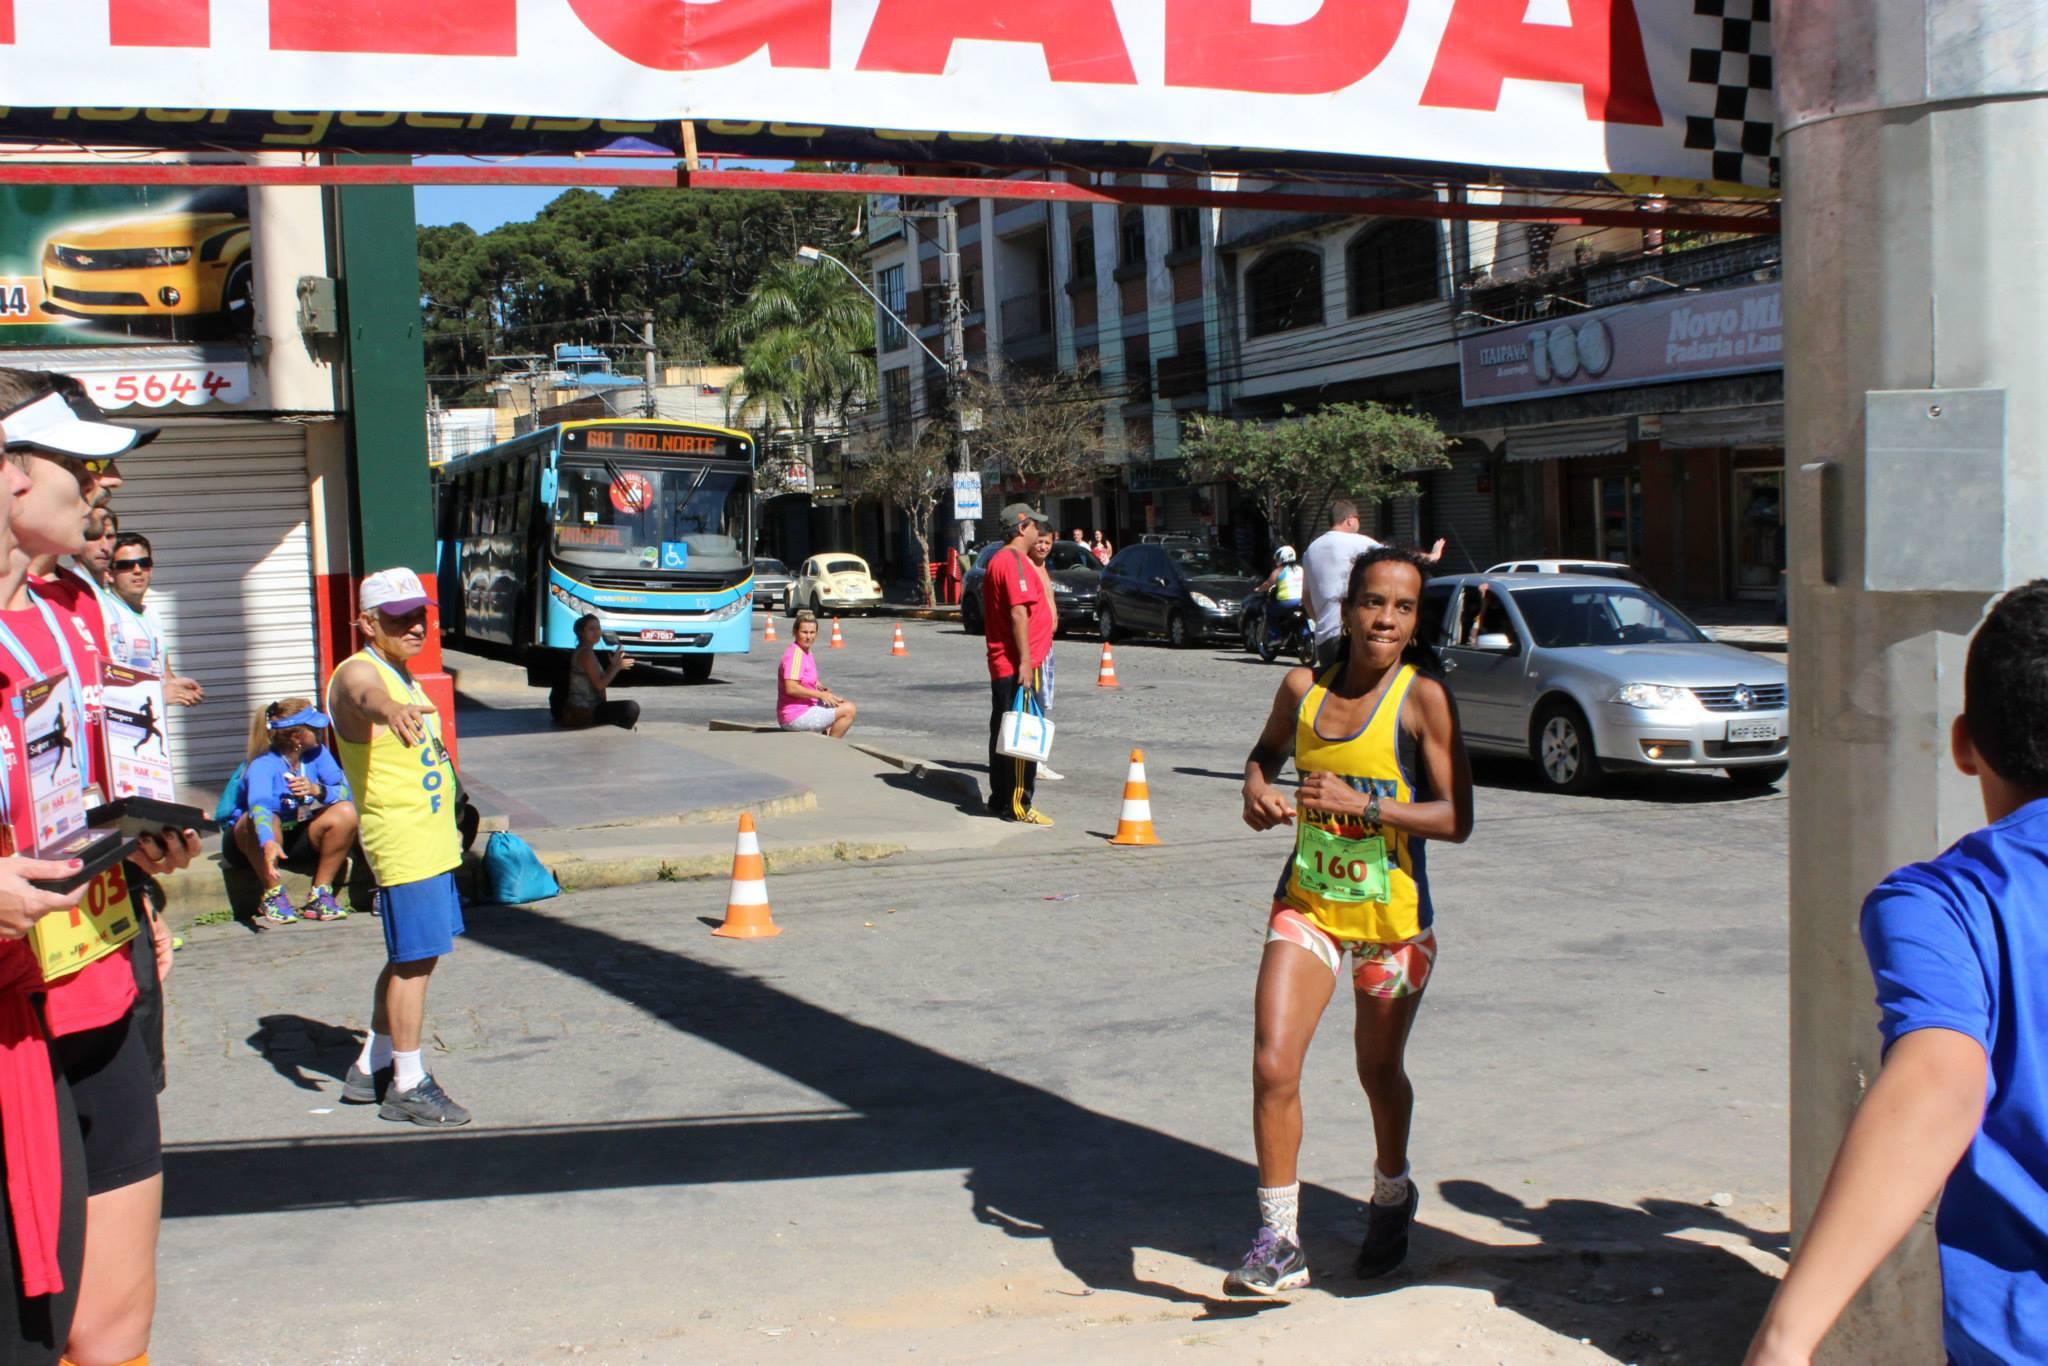 Adaptada ao momento, a Meia Maratona de Nova Friburgo já pode ser realizada pelos atletas (Foto: Ascof)